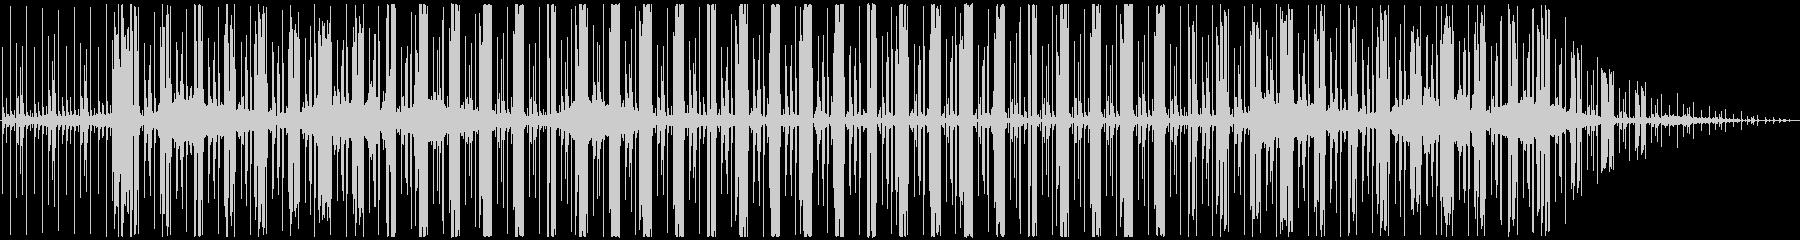 プログレッシブハウス。ピンクフロイ...の未再生の波形